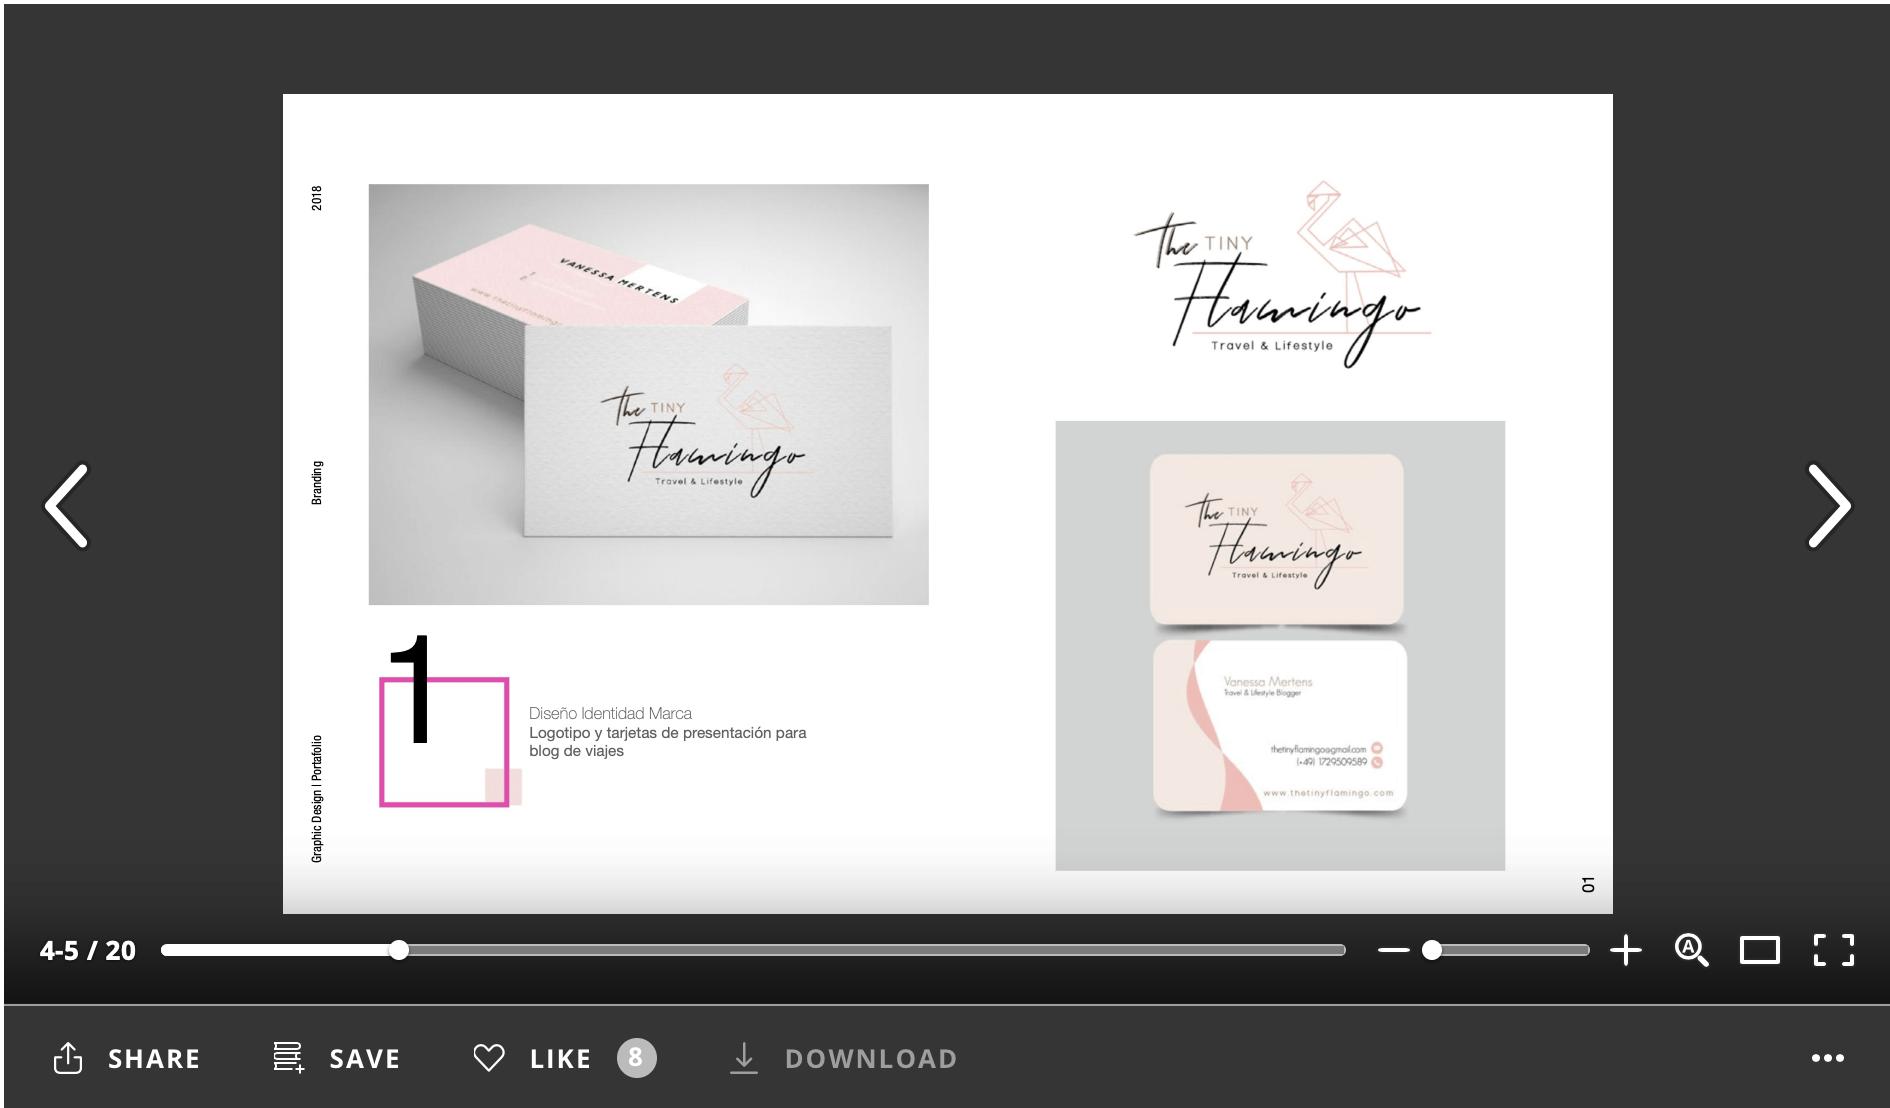 Marcas y diseño archivos Página 2 de 4 Opiniones